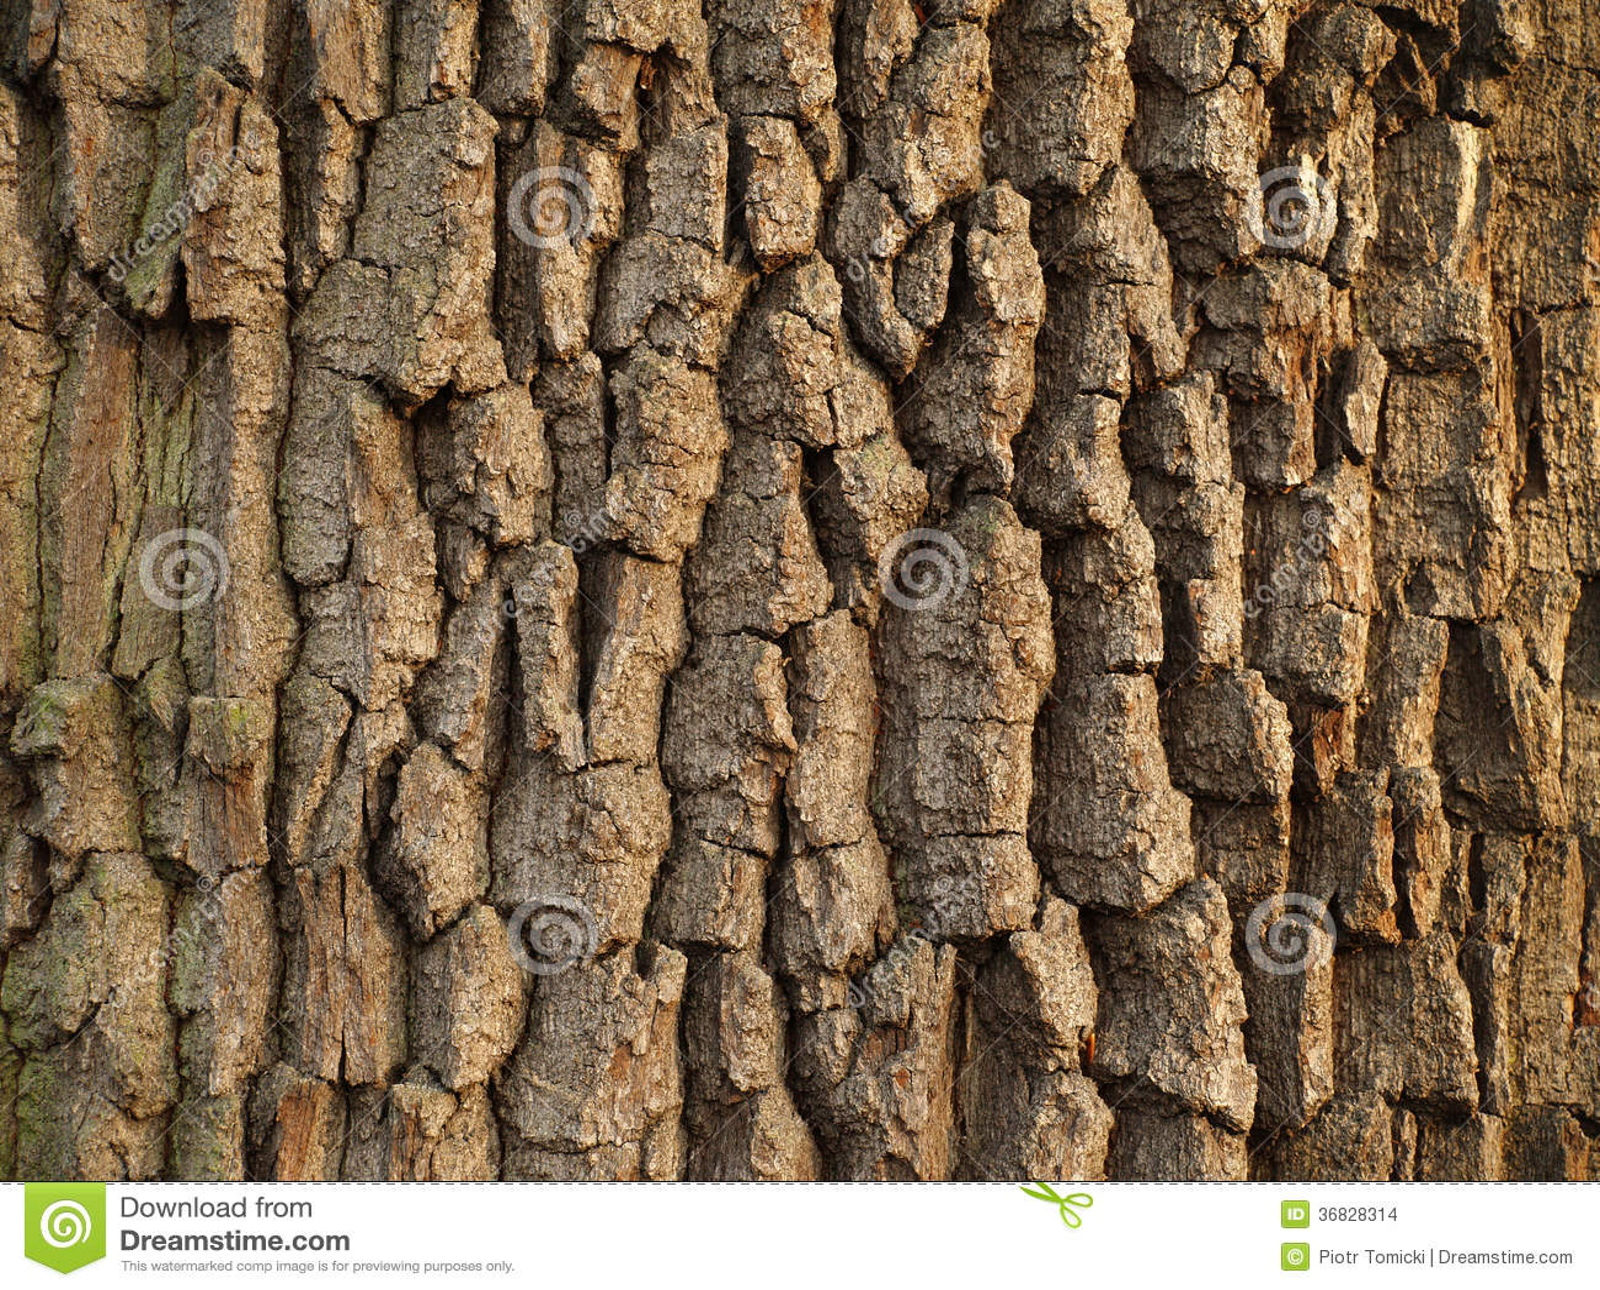 梦到贴树皮